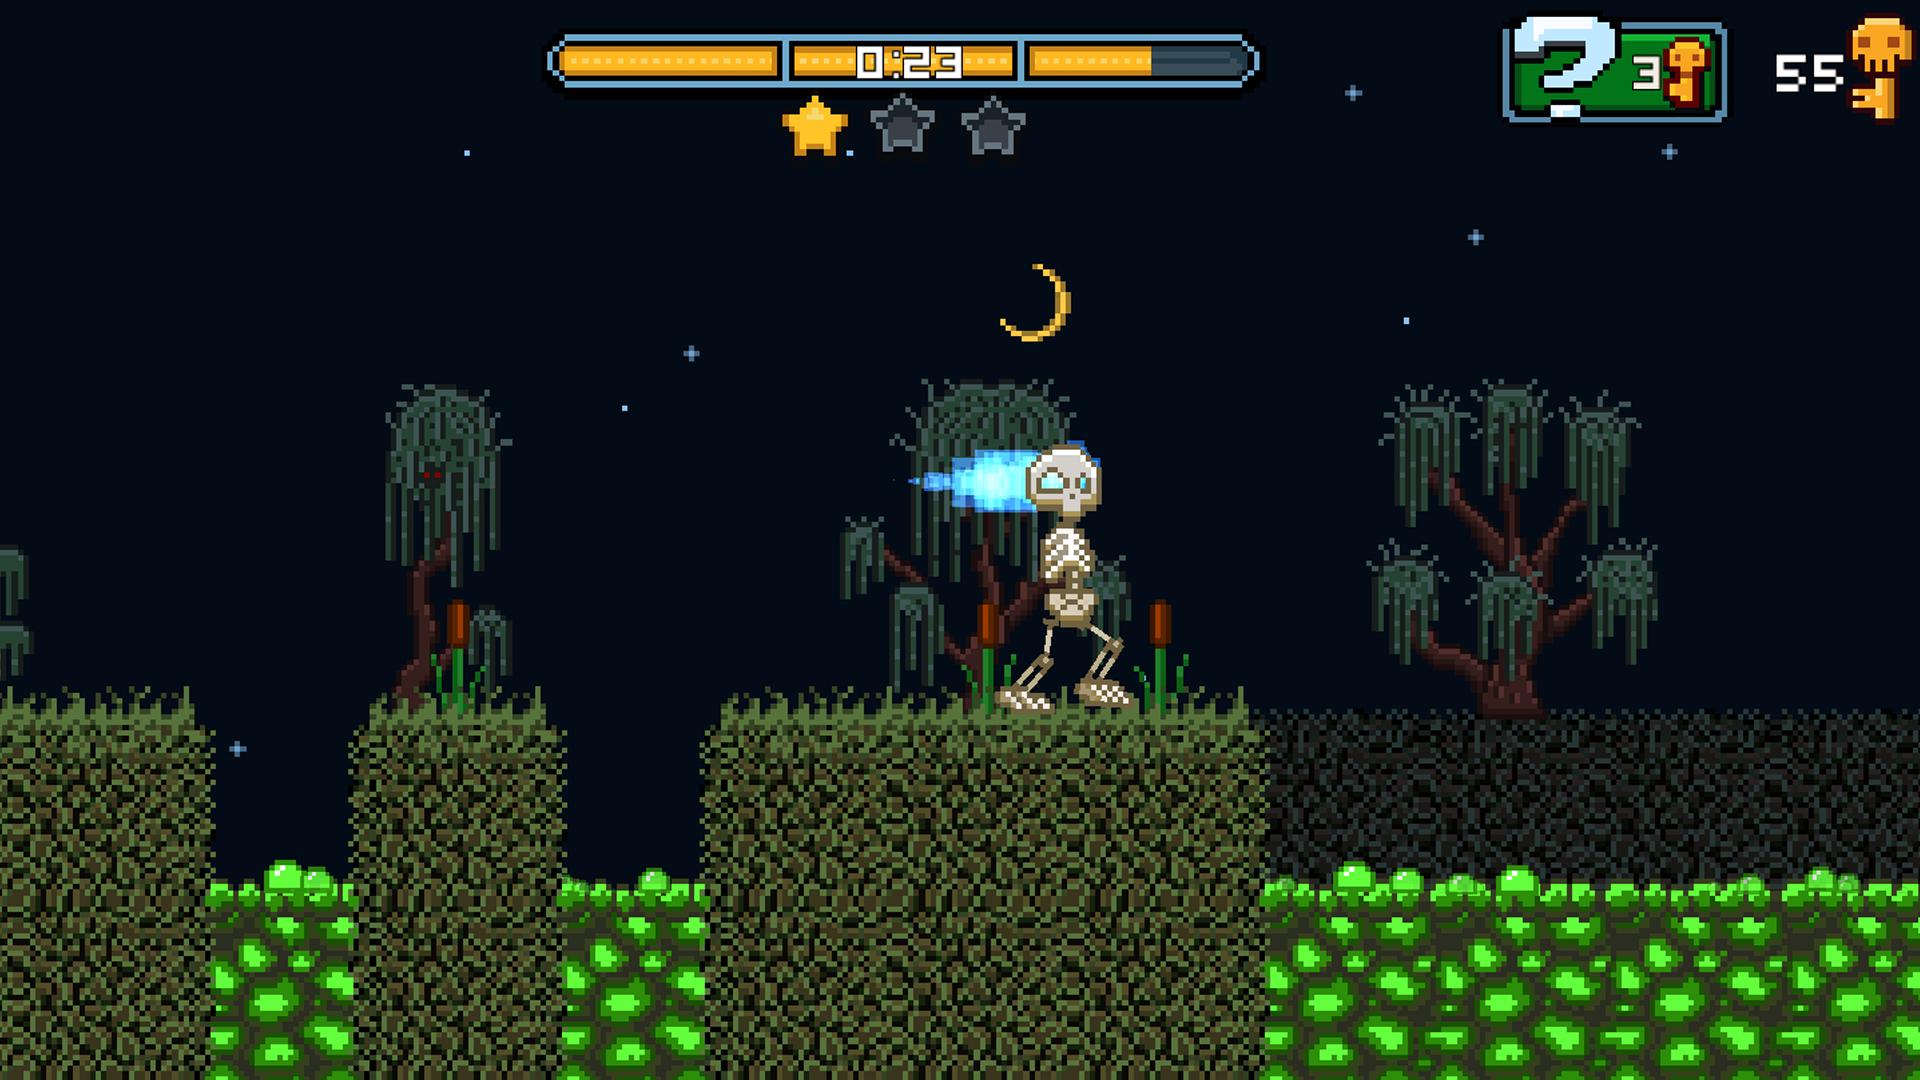 Собирая кости: в Steam вышел интересный харкдор-плафтормер Just Bones  - Изображение 4